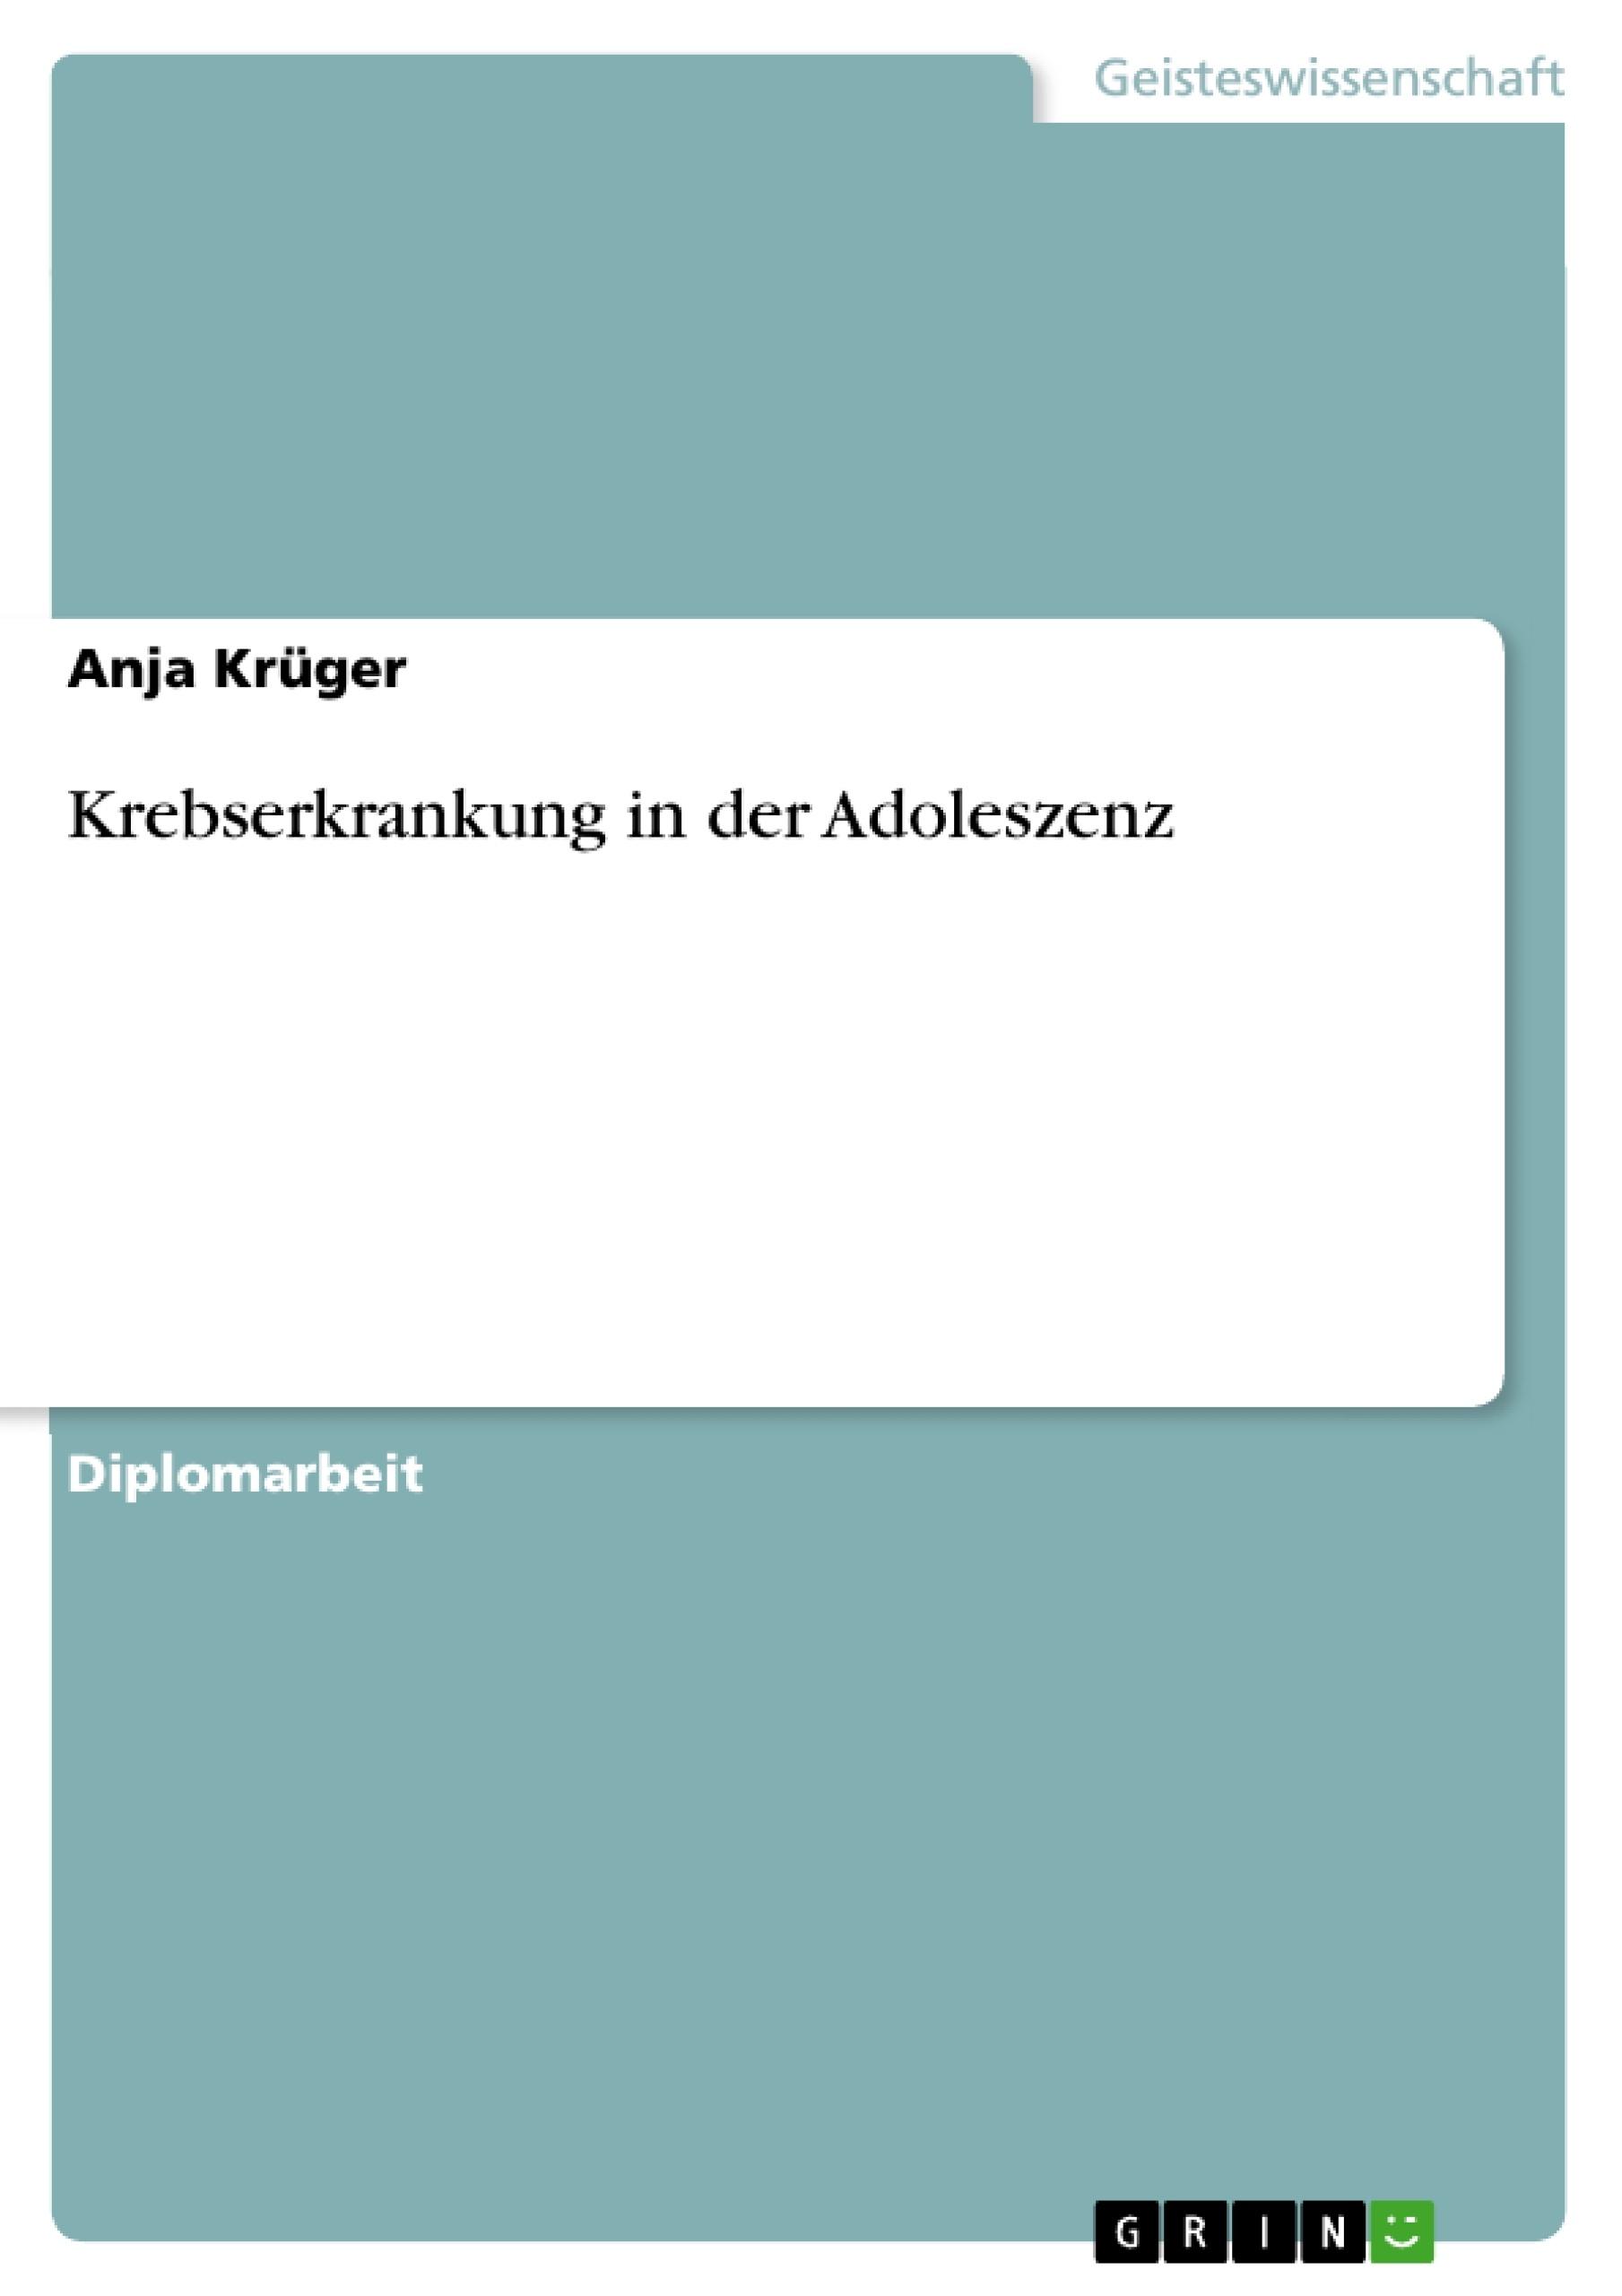 Titel: Krebserkrankung in der Adoleszenz